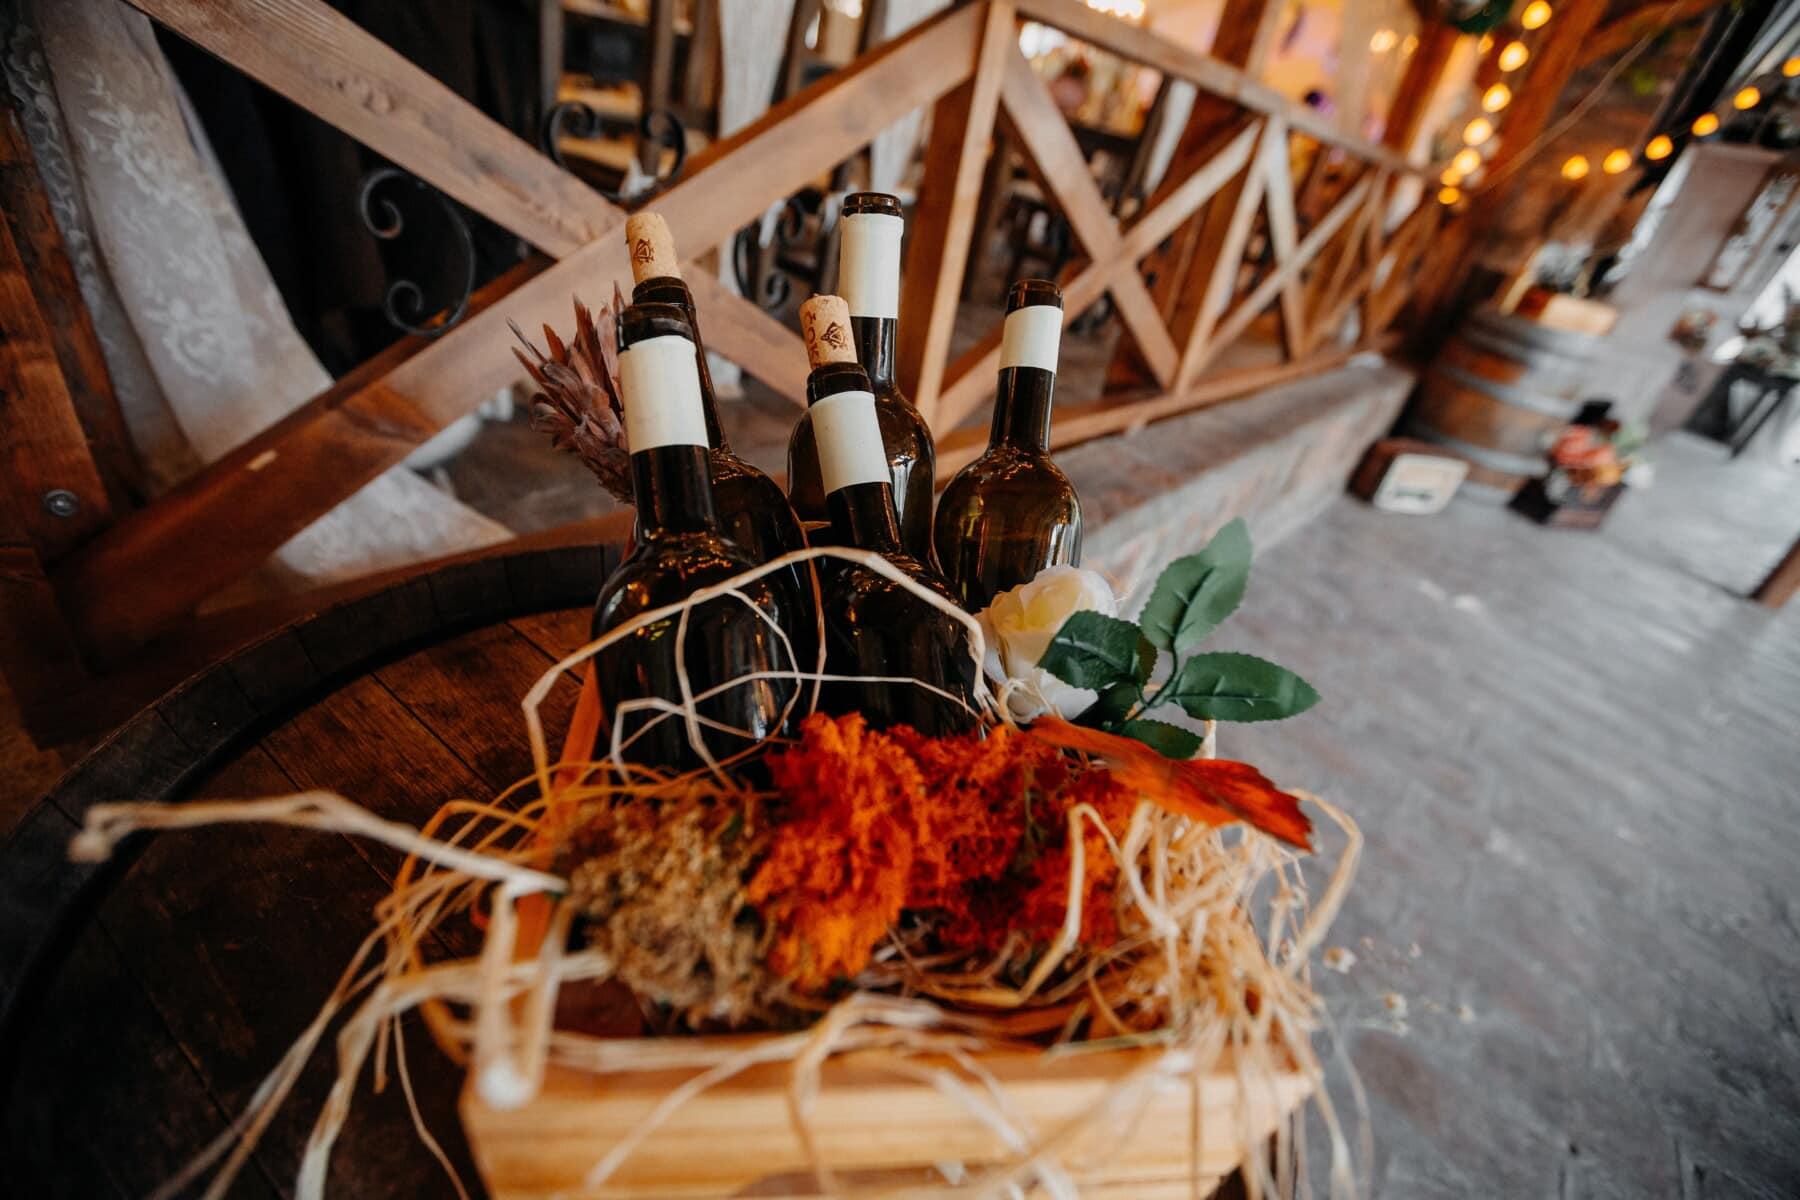 vin, bouteilles, vinicole, restaurant, bois, nature morte, bouteille, verre, boisson, à l'intérieur